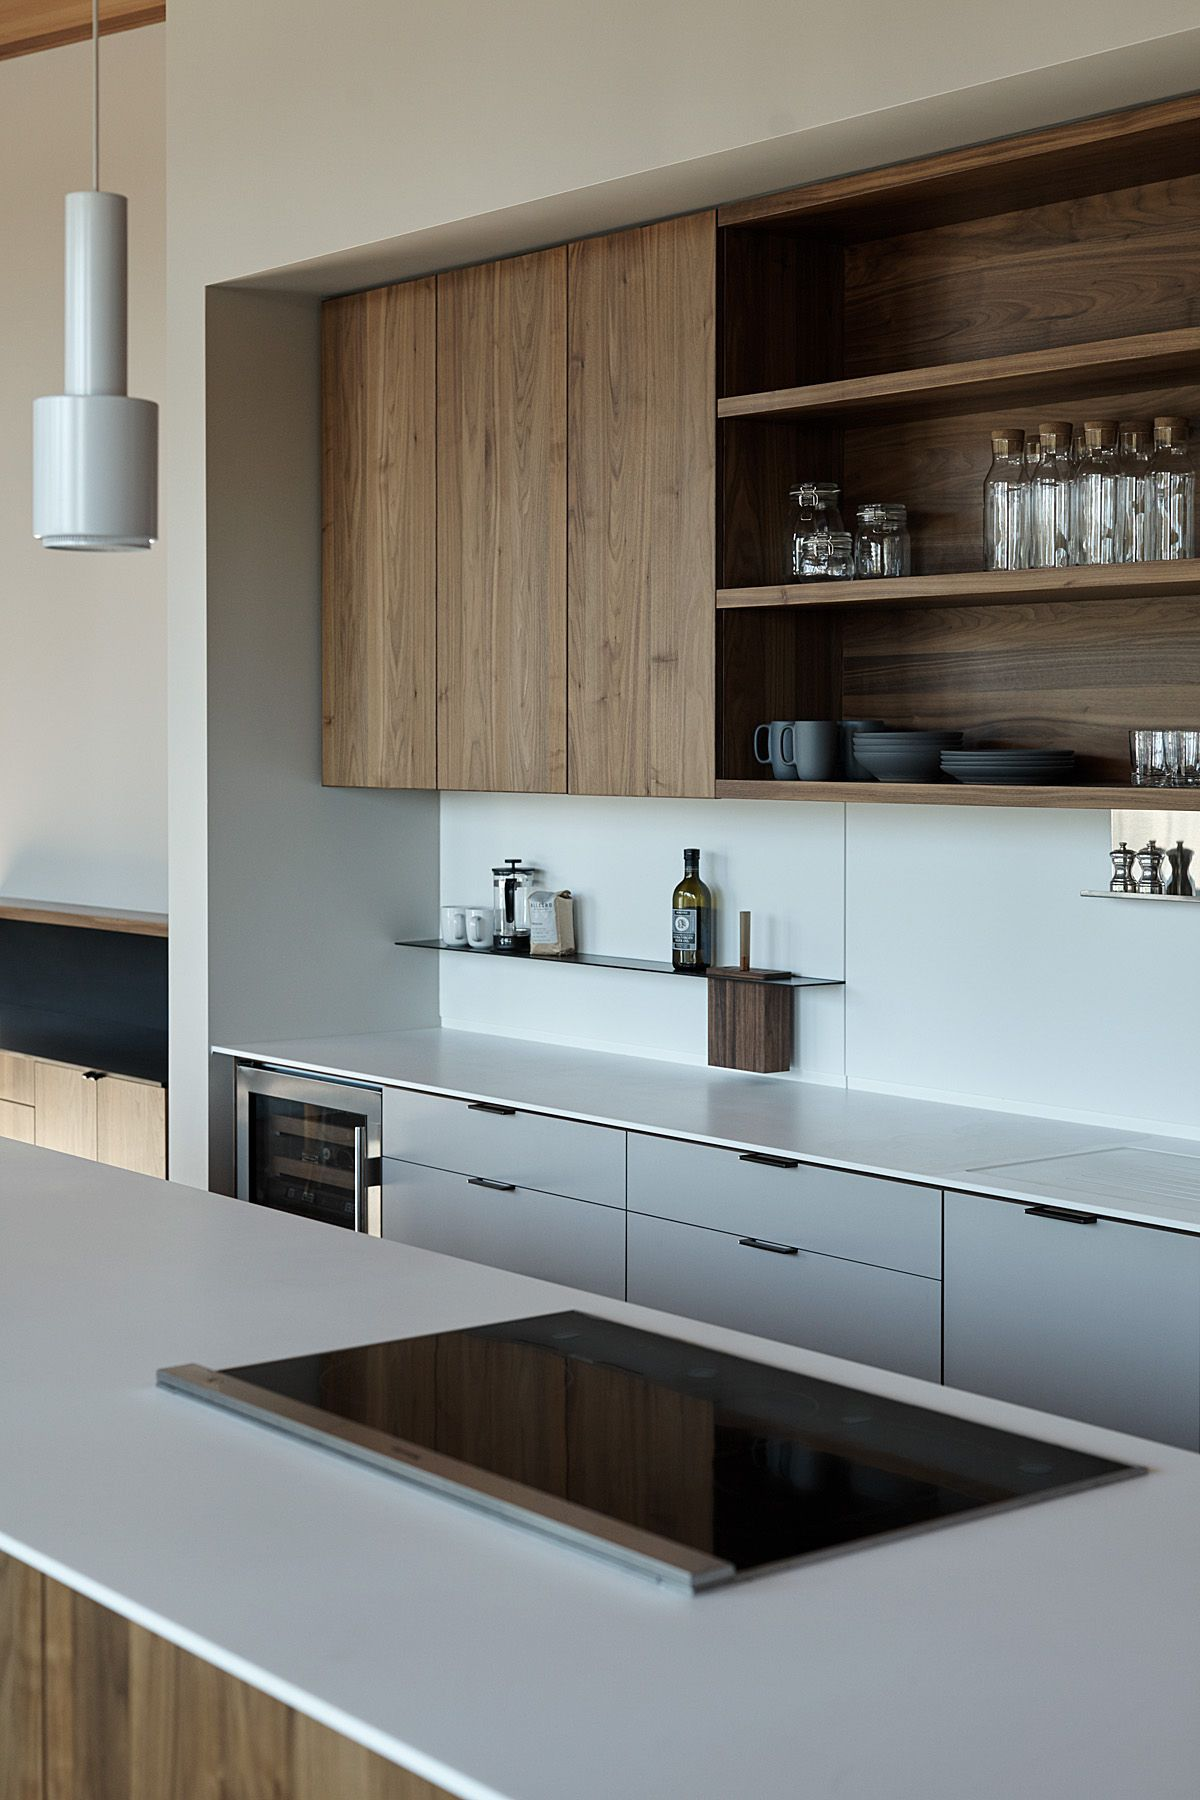 c1326953880459.594447f79a39c.jpg (1200×1800) | Kitchen Design ...